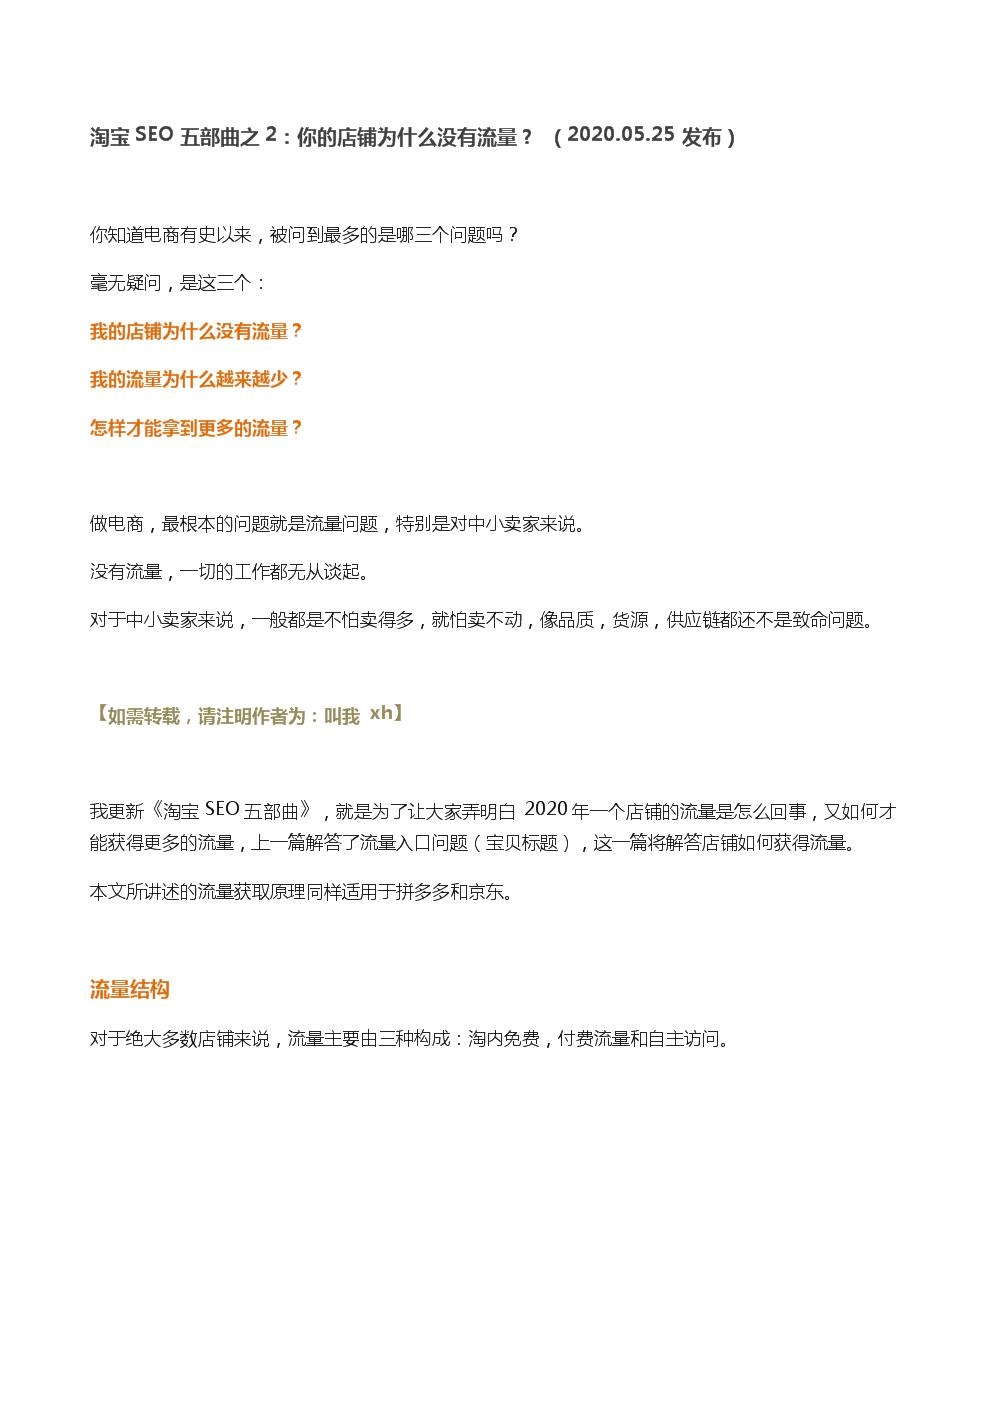 68.淘宝SEO五部曲之2:你的店铺为什么没有流量?  by 叫我xh.docx